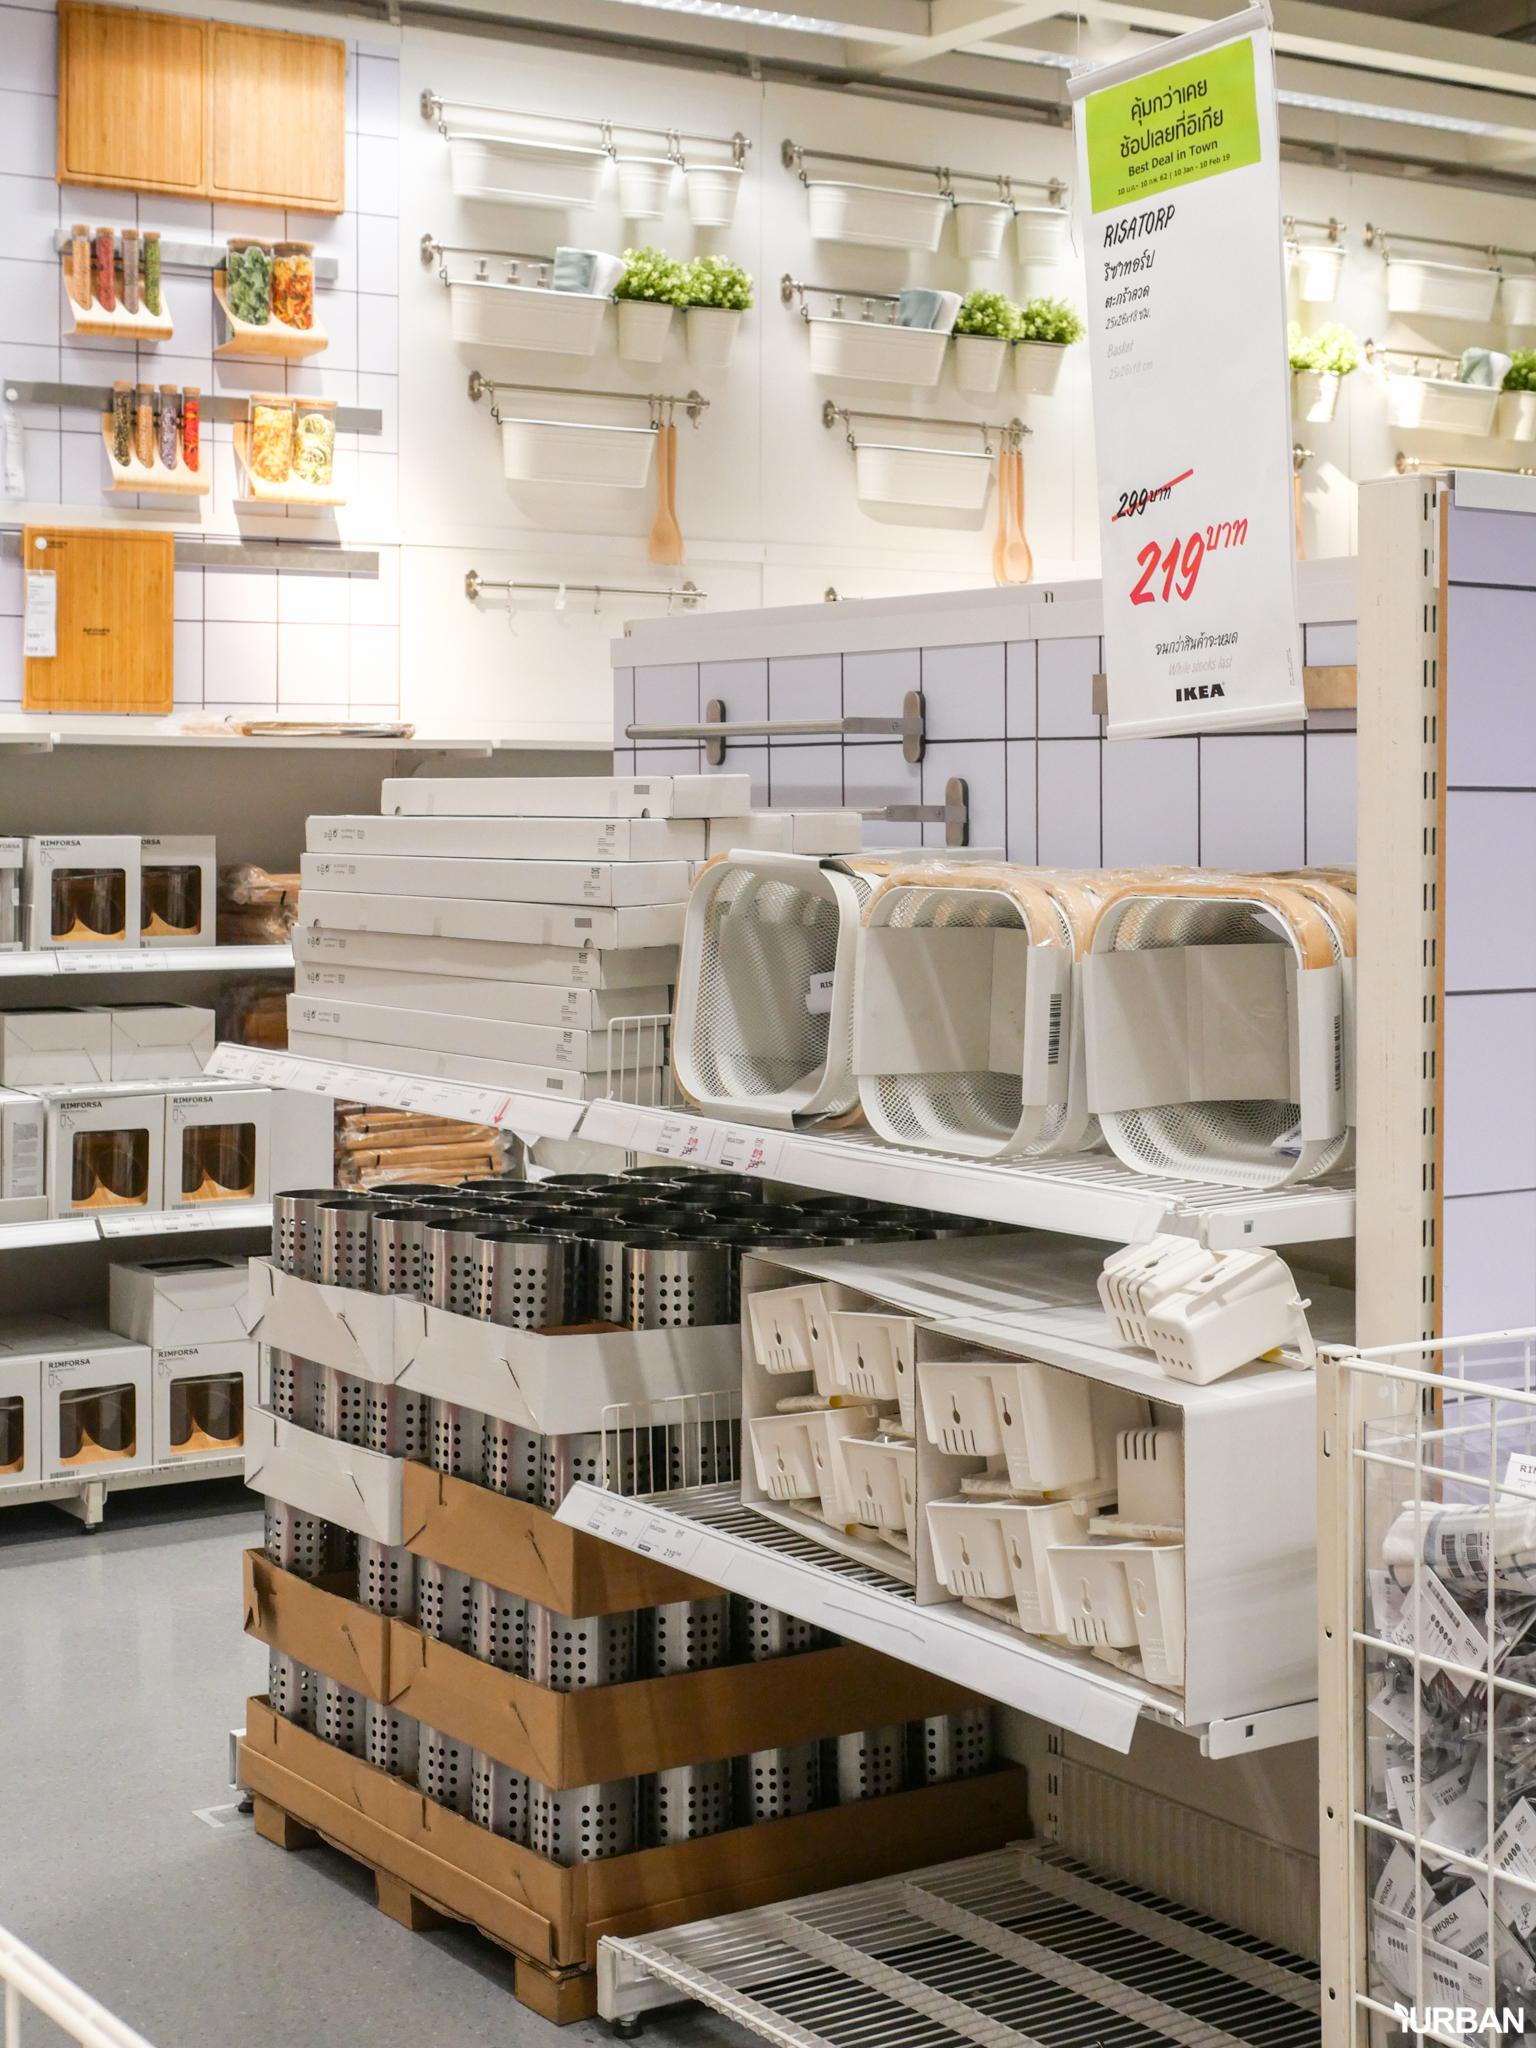 9 เหตุผลที่คนเลือกชุดครัวอิเกีย และโอกาสที่จะมีครัวในฝัน IKEA METOD/เมท็อด โปรนี้ดีที่สุดแล้ว #ถึง17มีนา 91 - IKEA (อิเกีย)